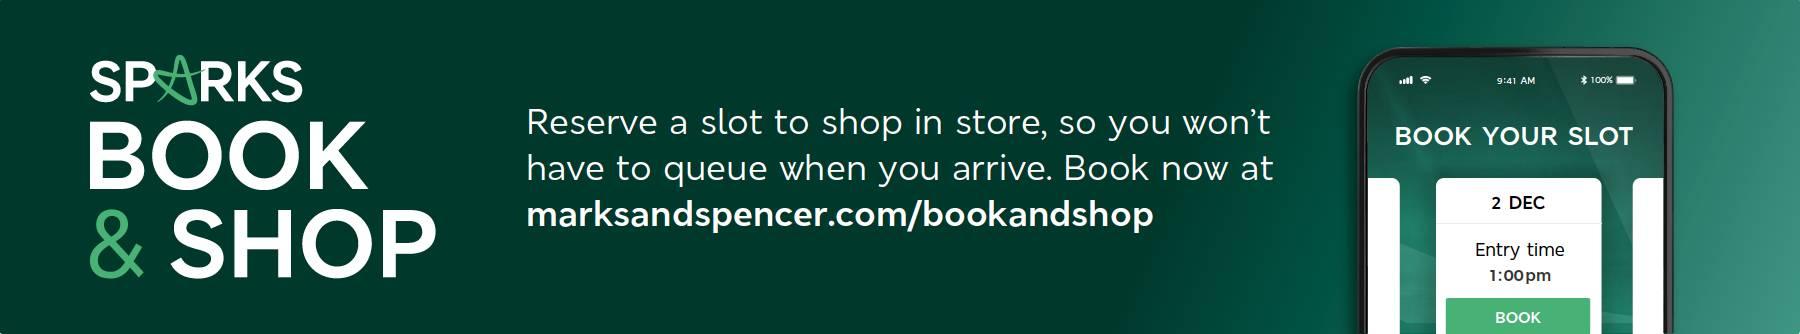 Sparks Book & Shop